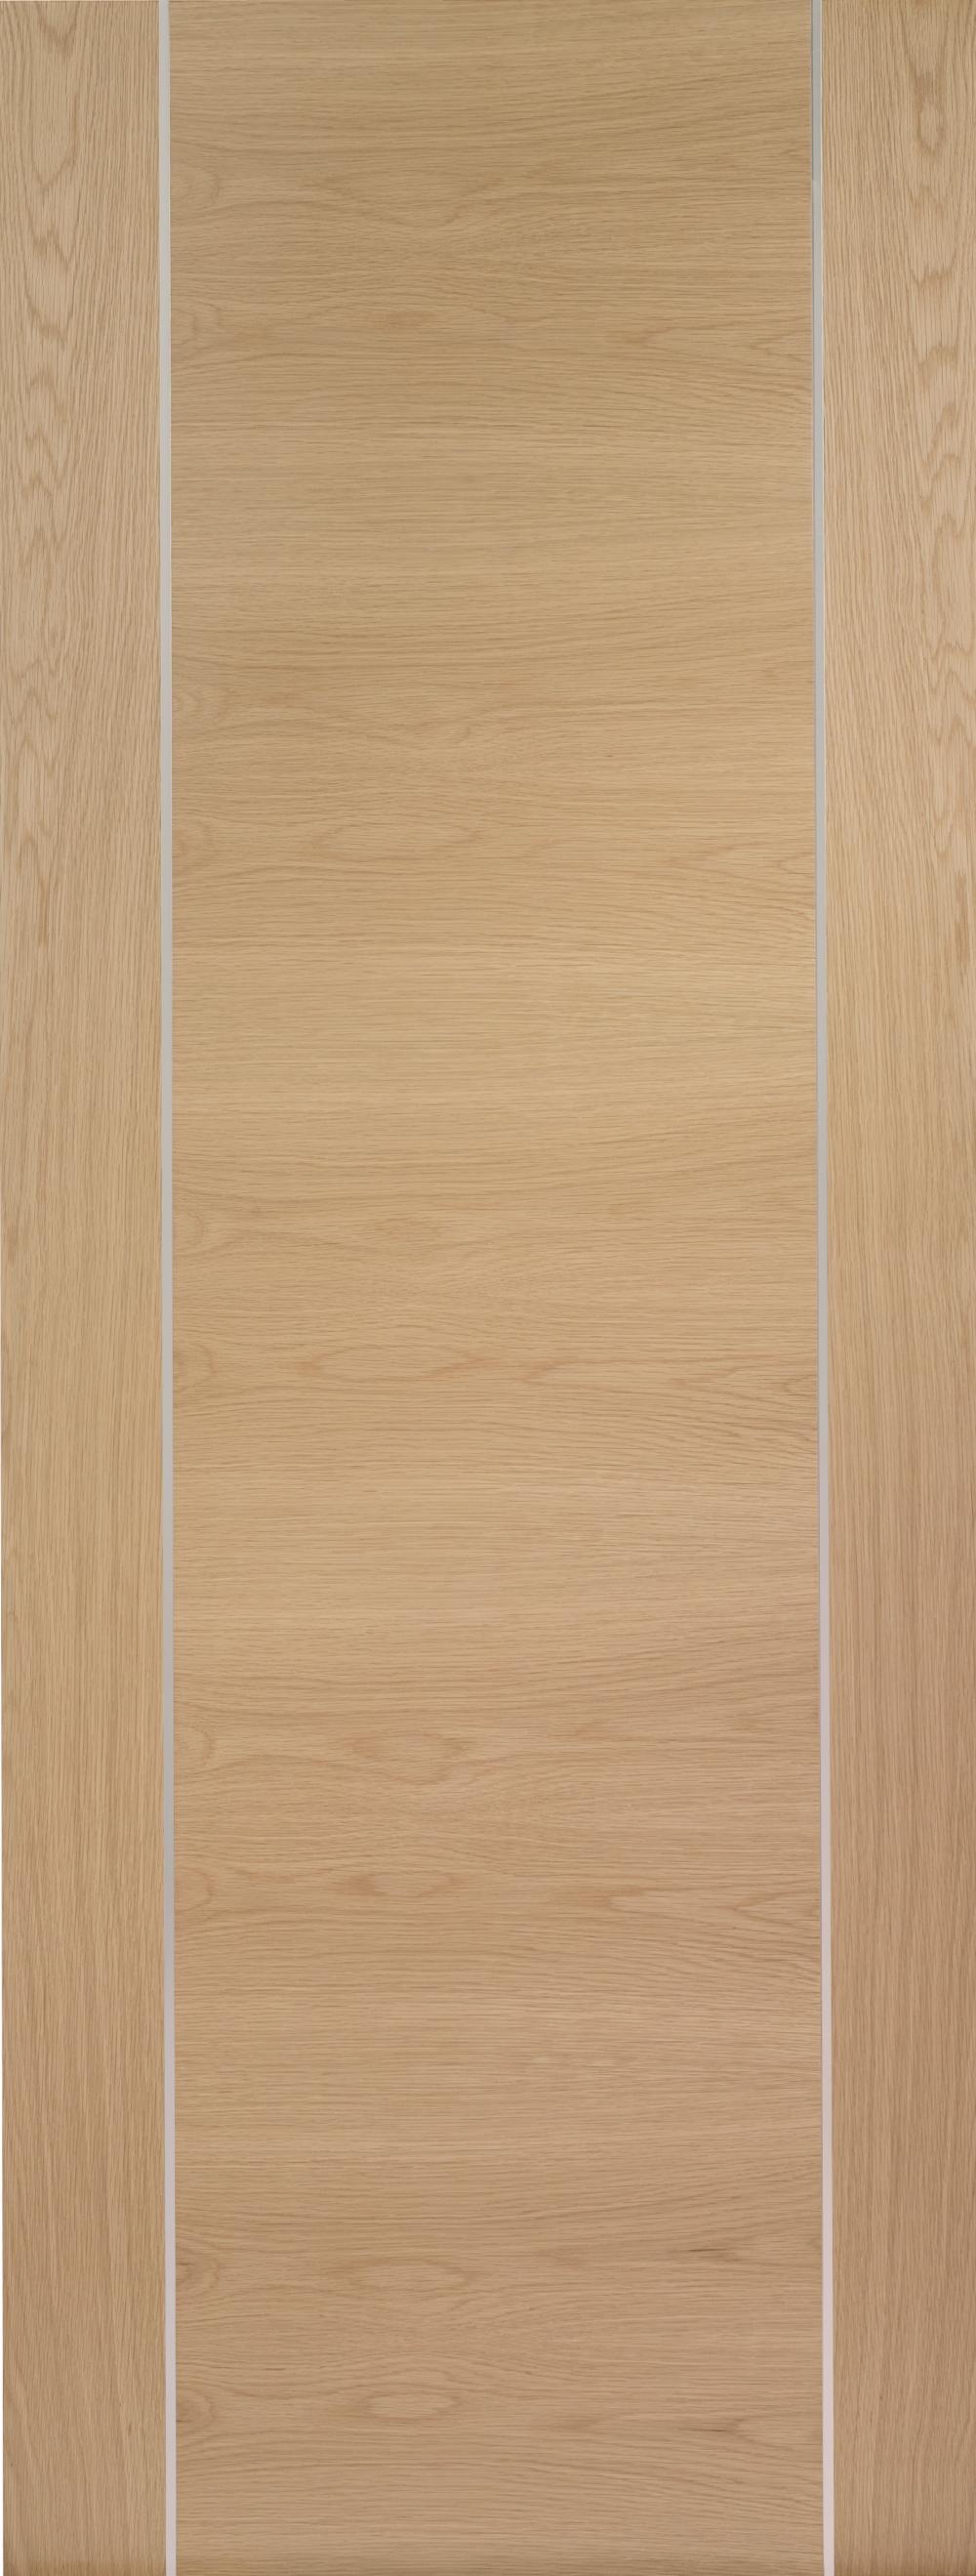 Forli Oak Door - PREFINISHED